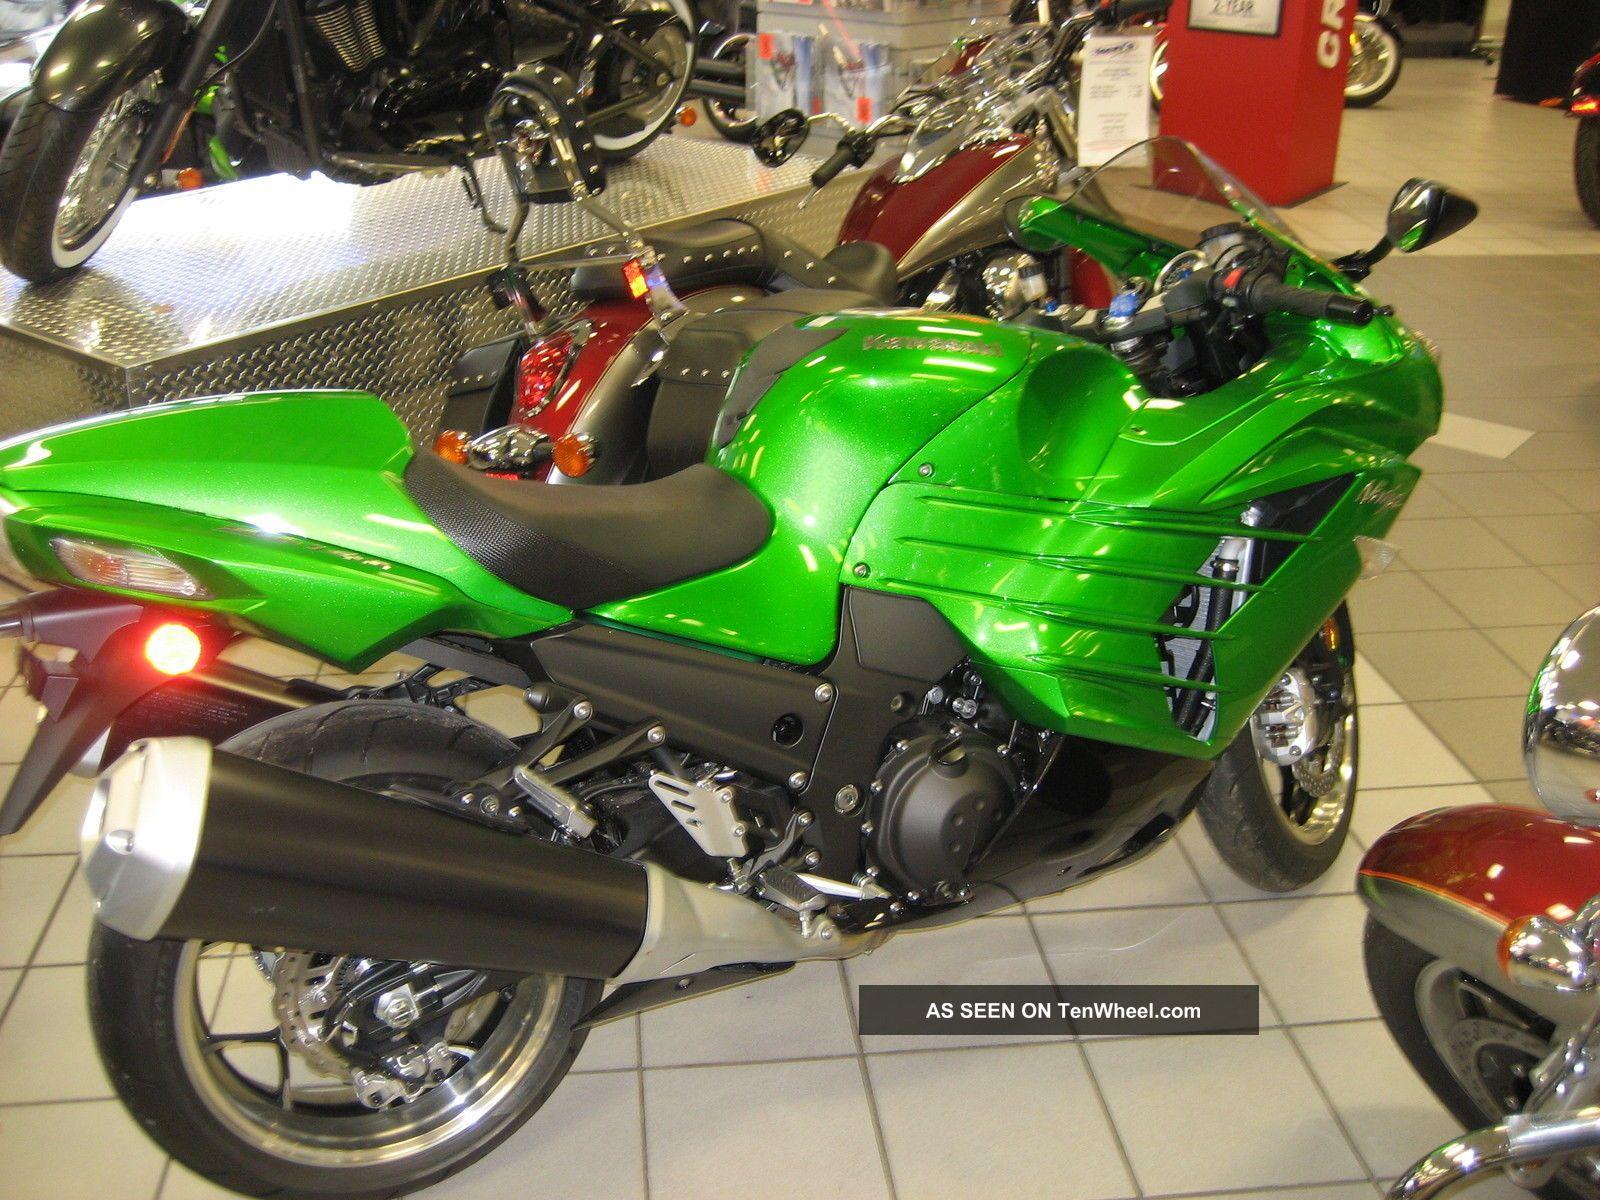 2013 Kawasaki Ninja Zx - 14r Abs Zx1400fdfa Other photo